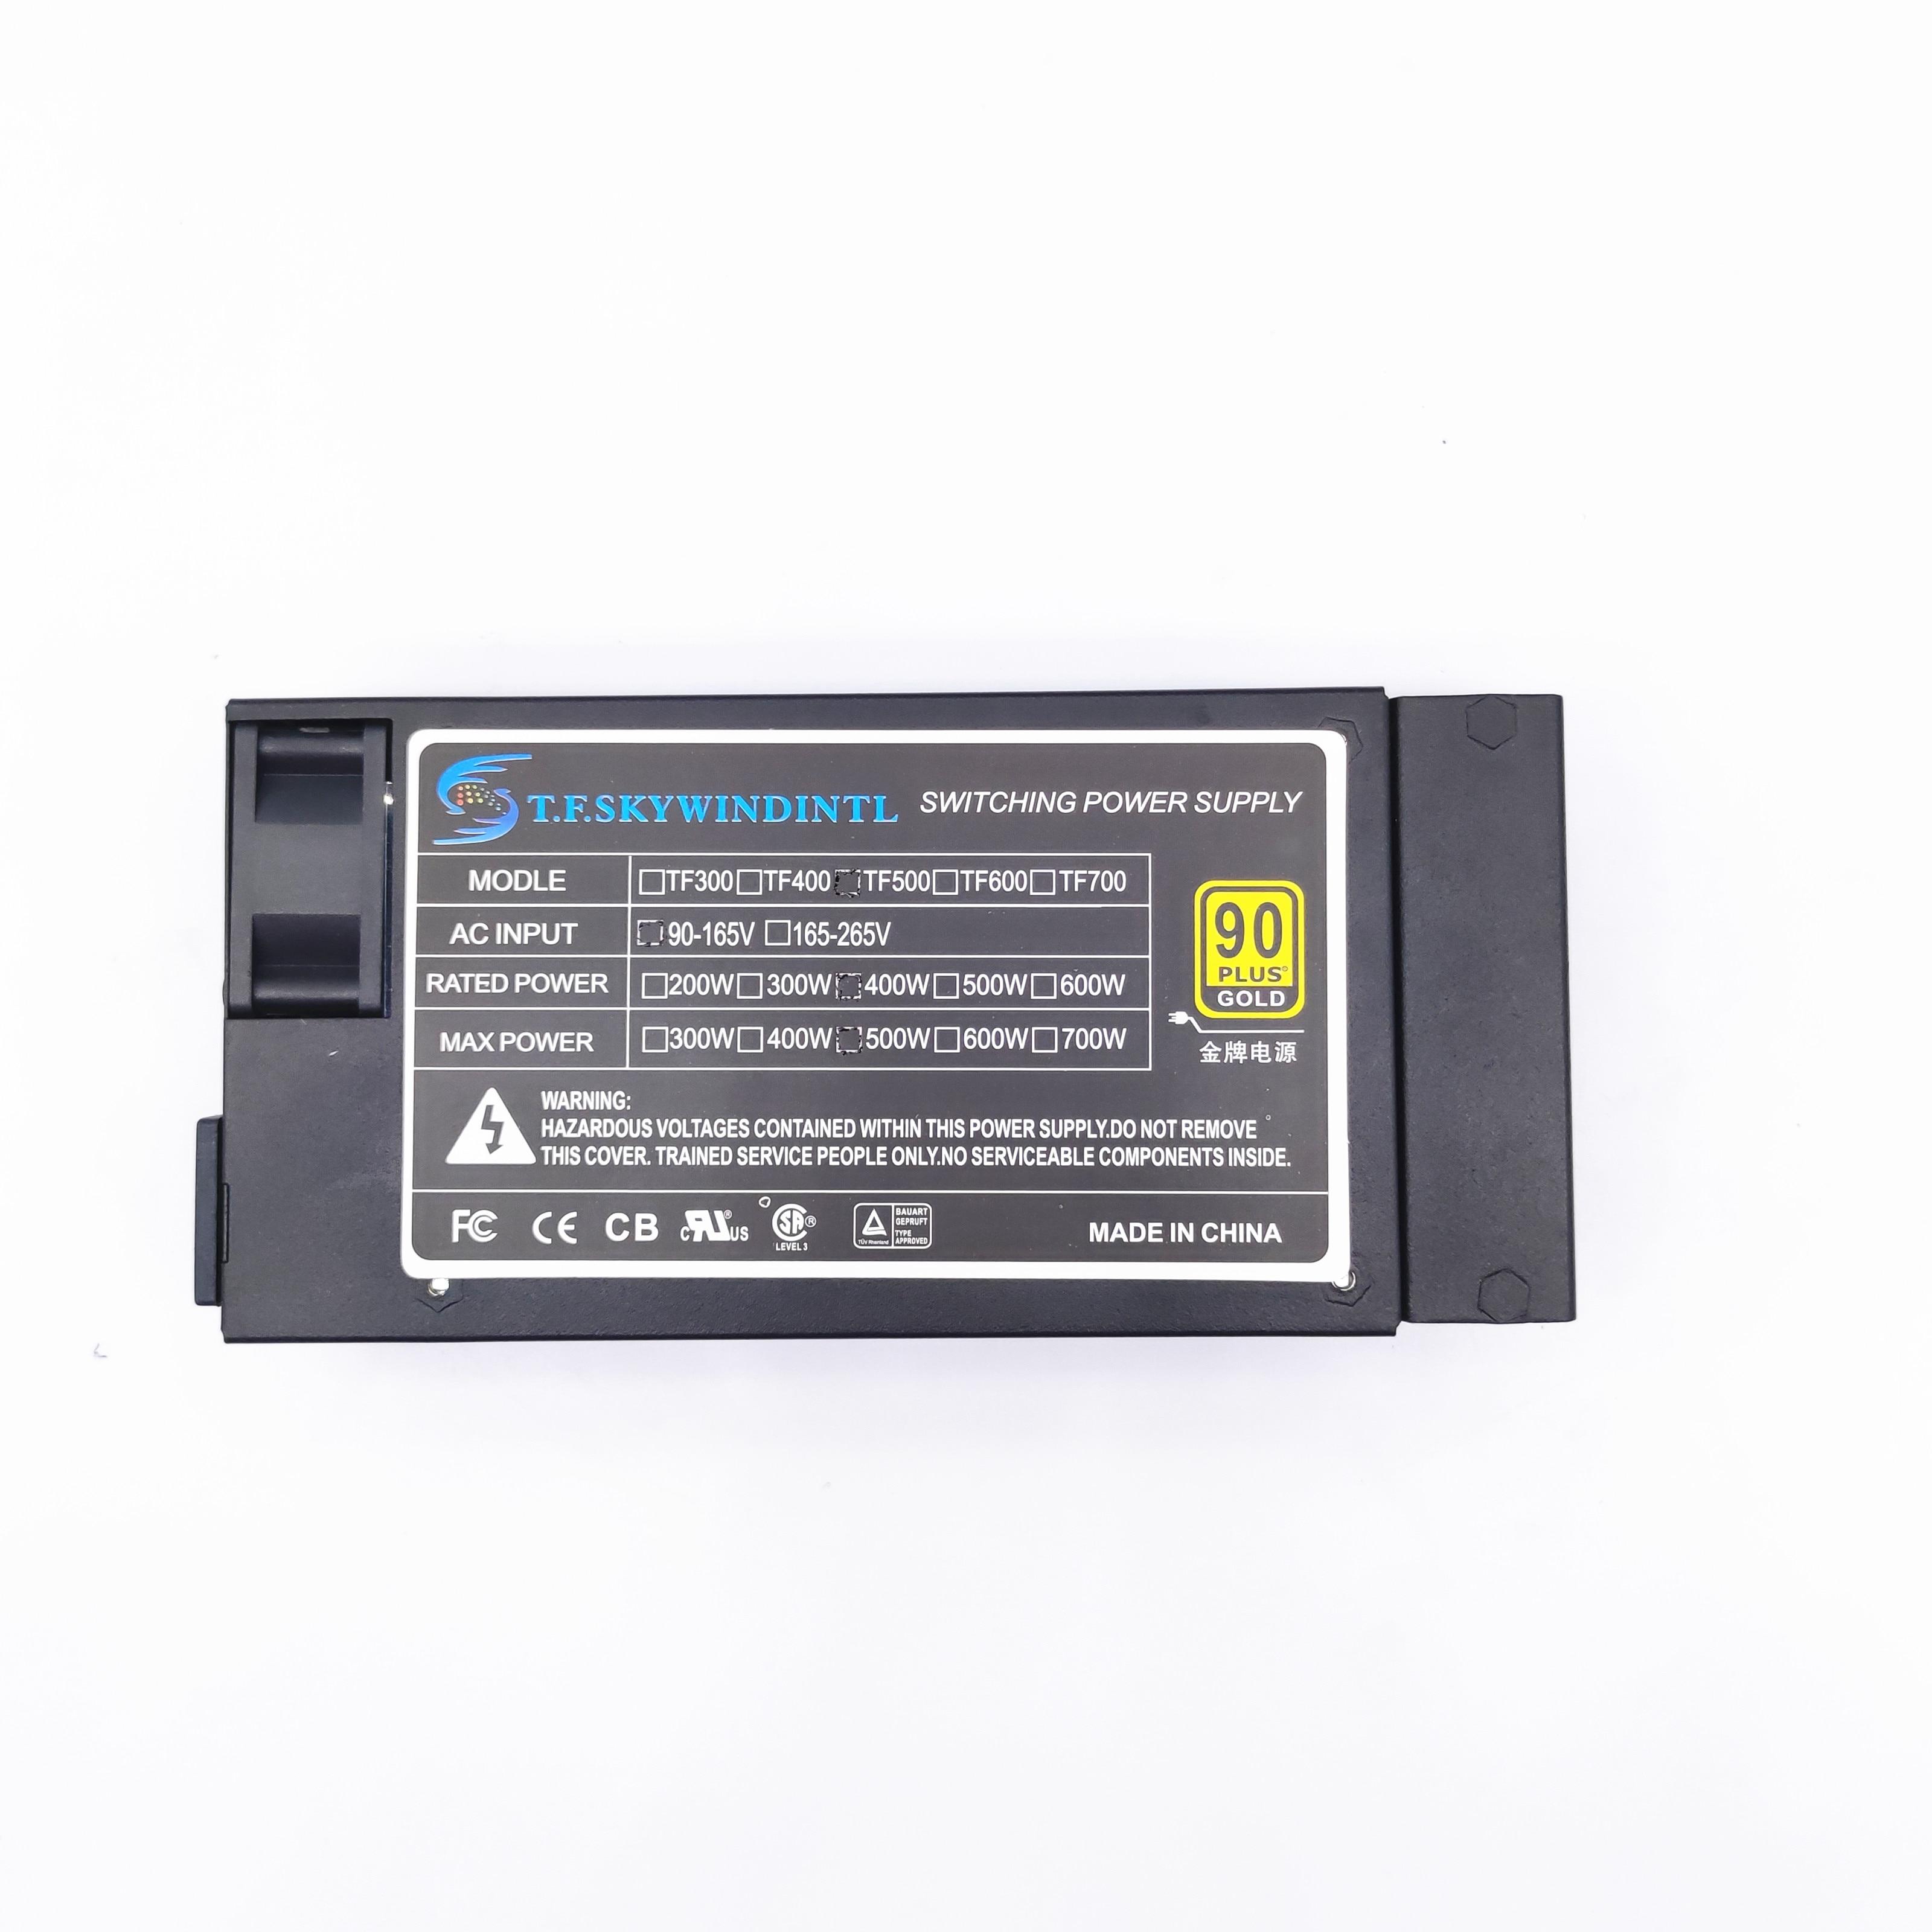 Гибкий блок питания 400 Вт PSU Active PFC 400 Вт ATX Flex, полный модульный блок питания для системы пос AIO, маленький блок питания для компьютера 1U (Flex ITX)